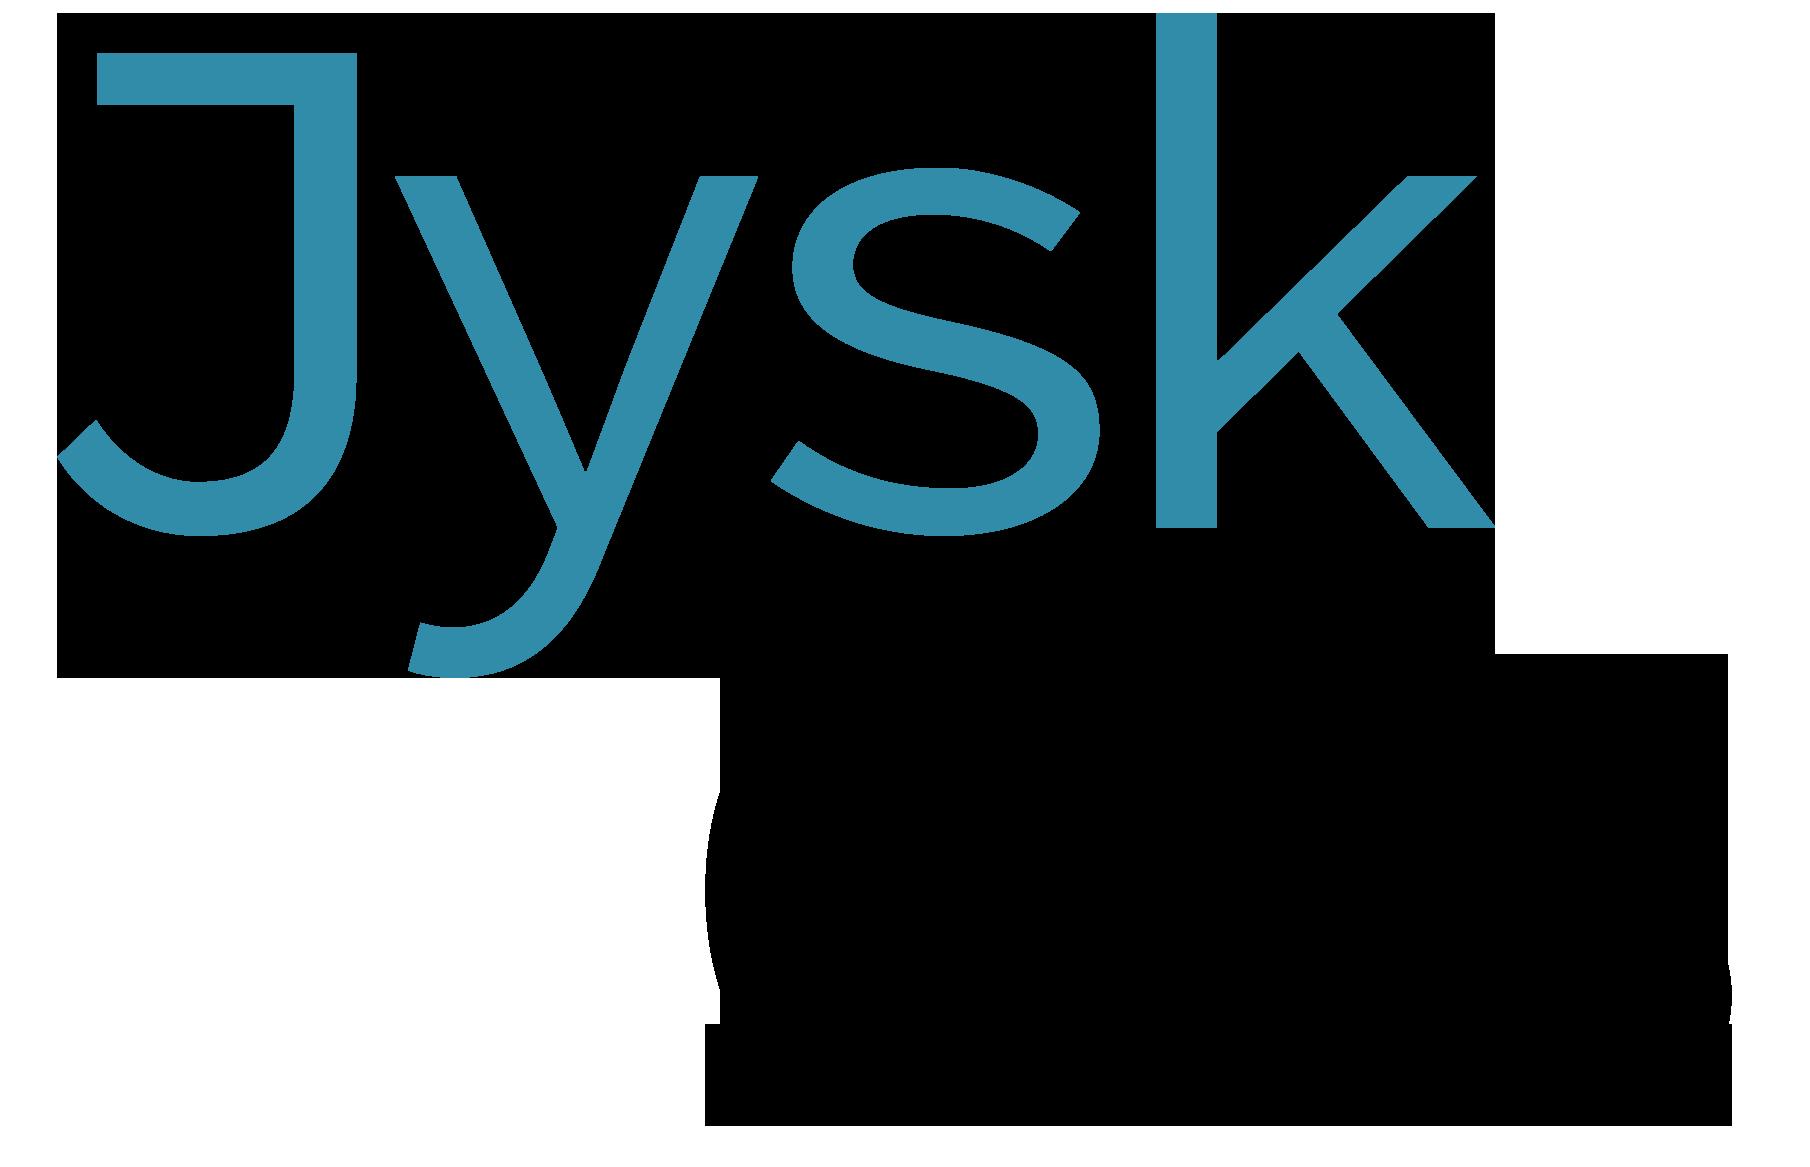 Jysk GVS